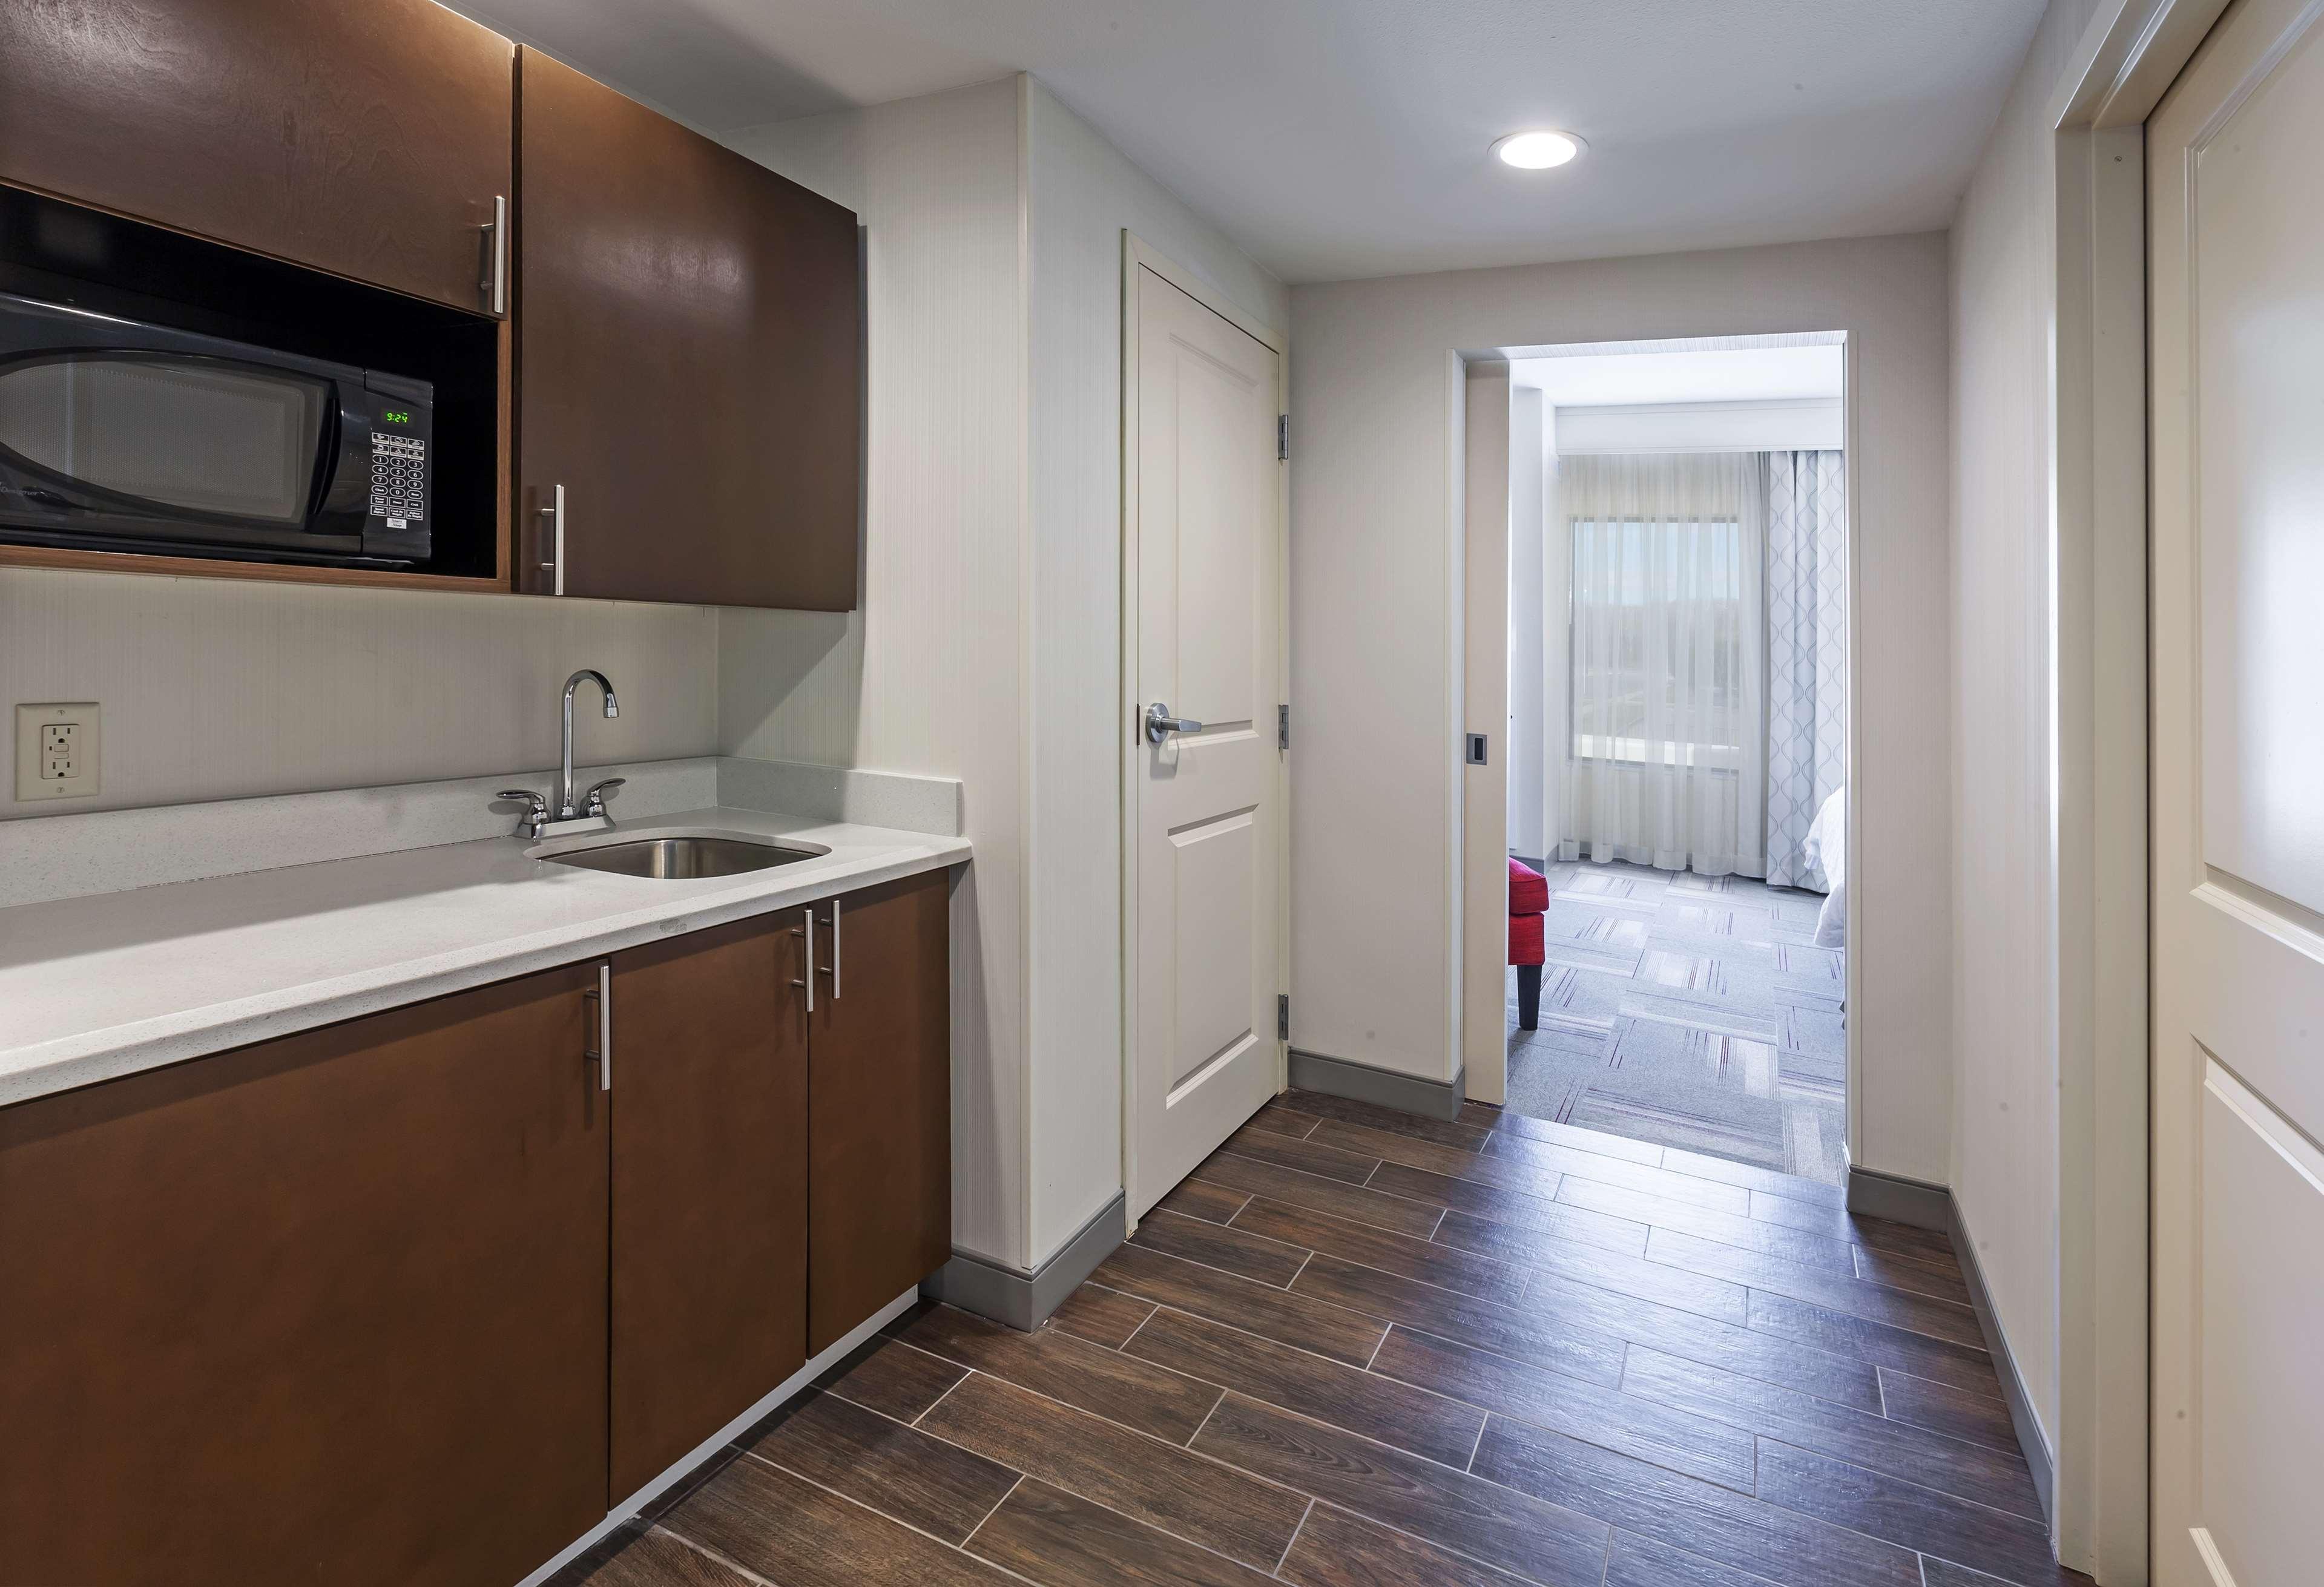 Hampton Inn & Suites Claremore image 26